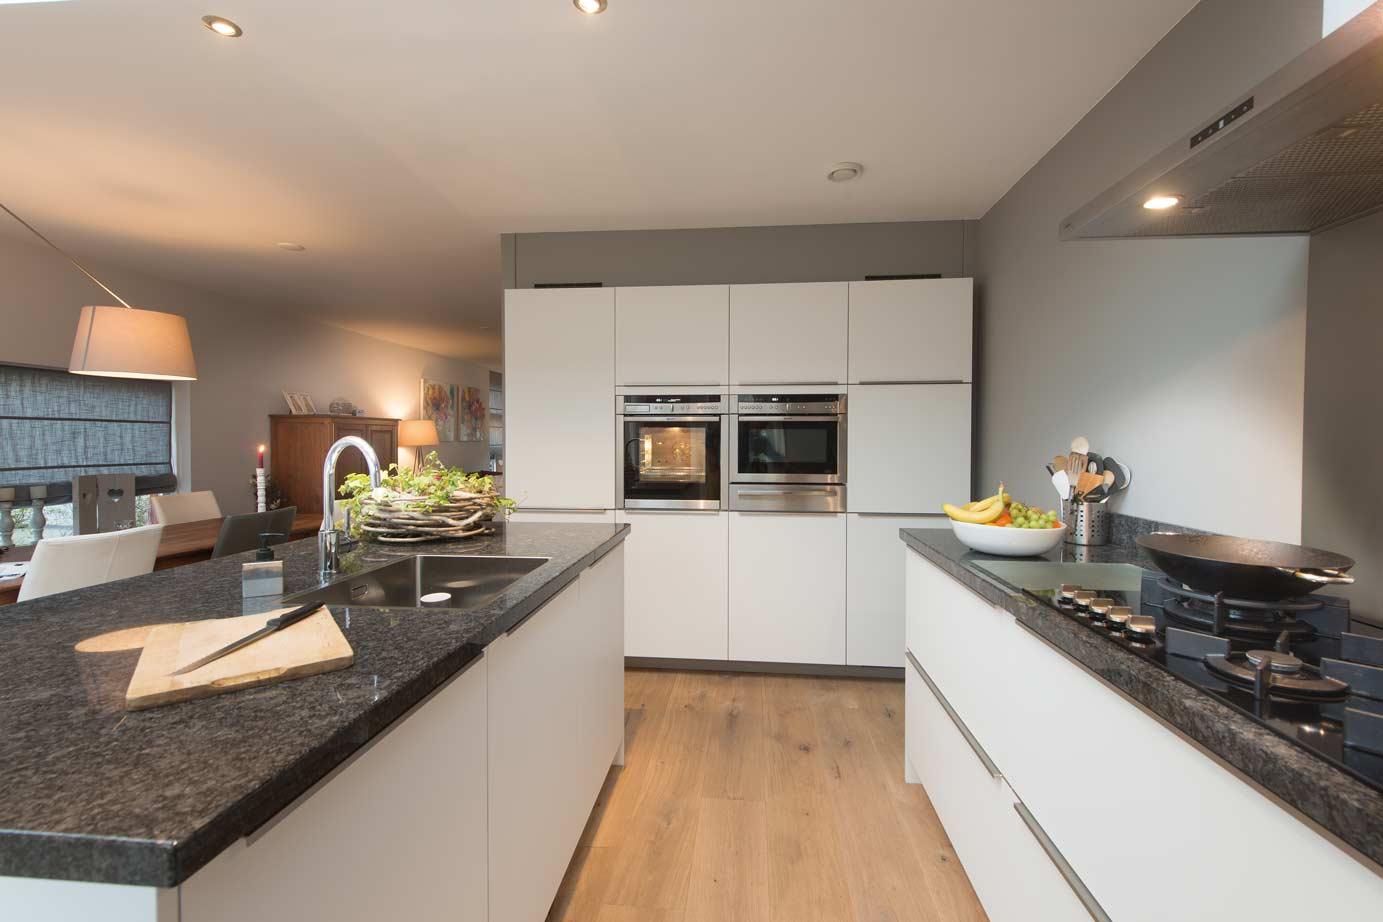 Keuken Kookeiland Showroom : Een keukeneiland of kookeiland. Laat u inspireren! – DB Keukens